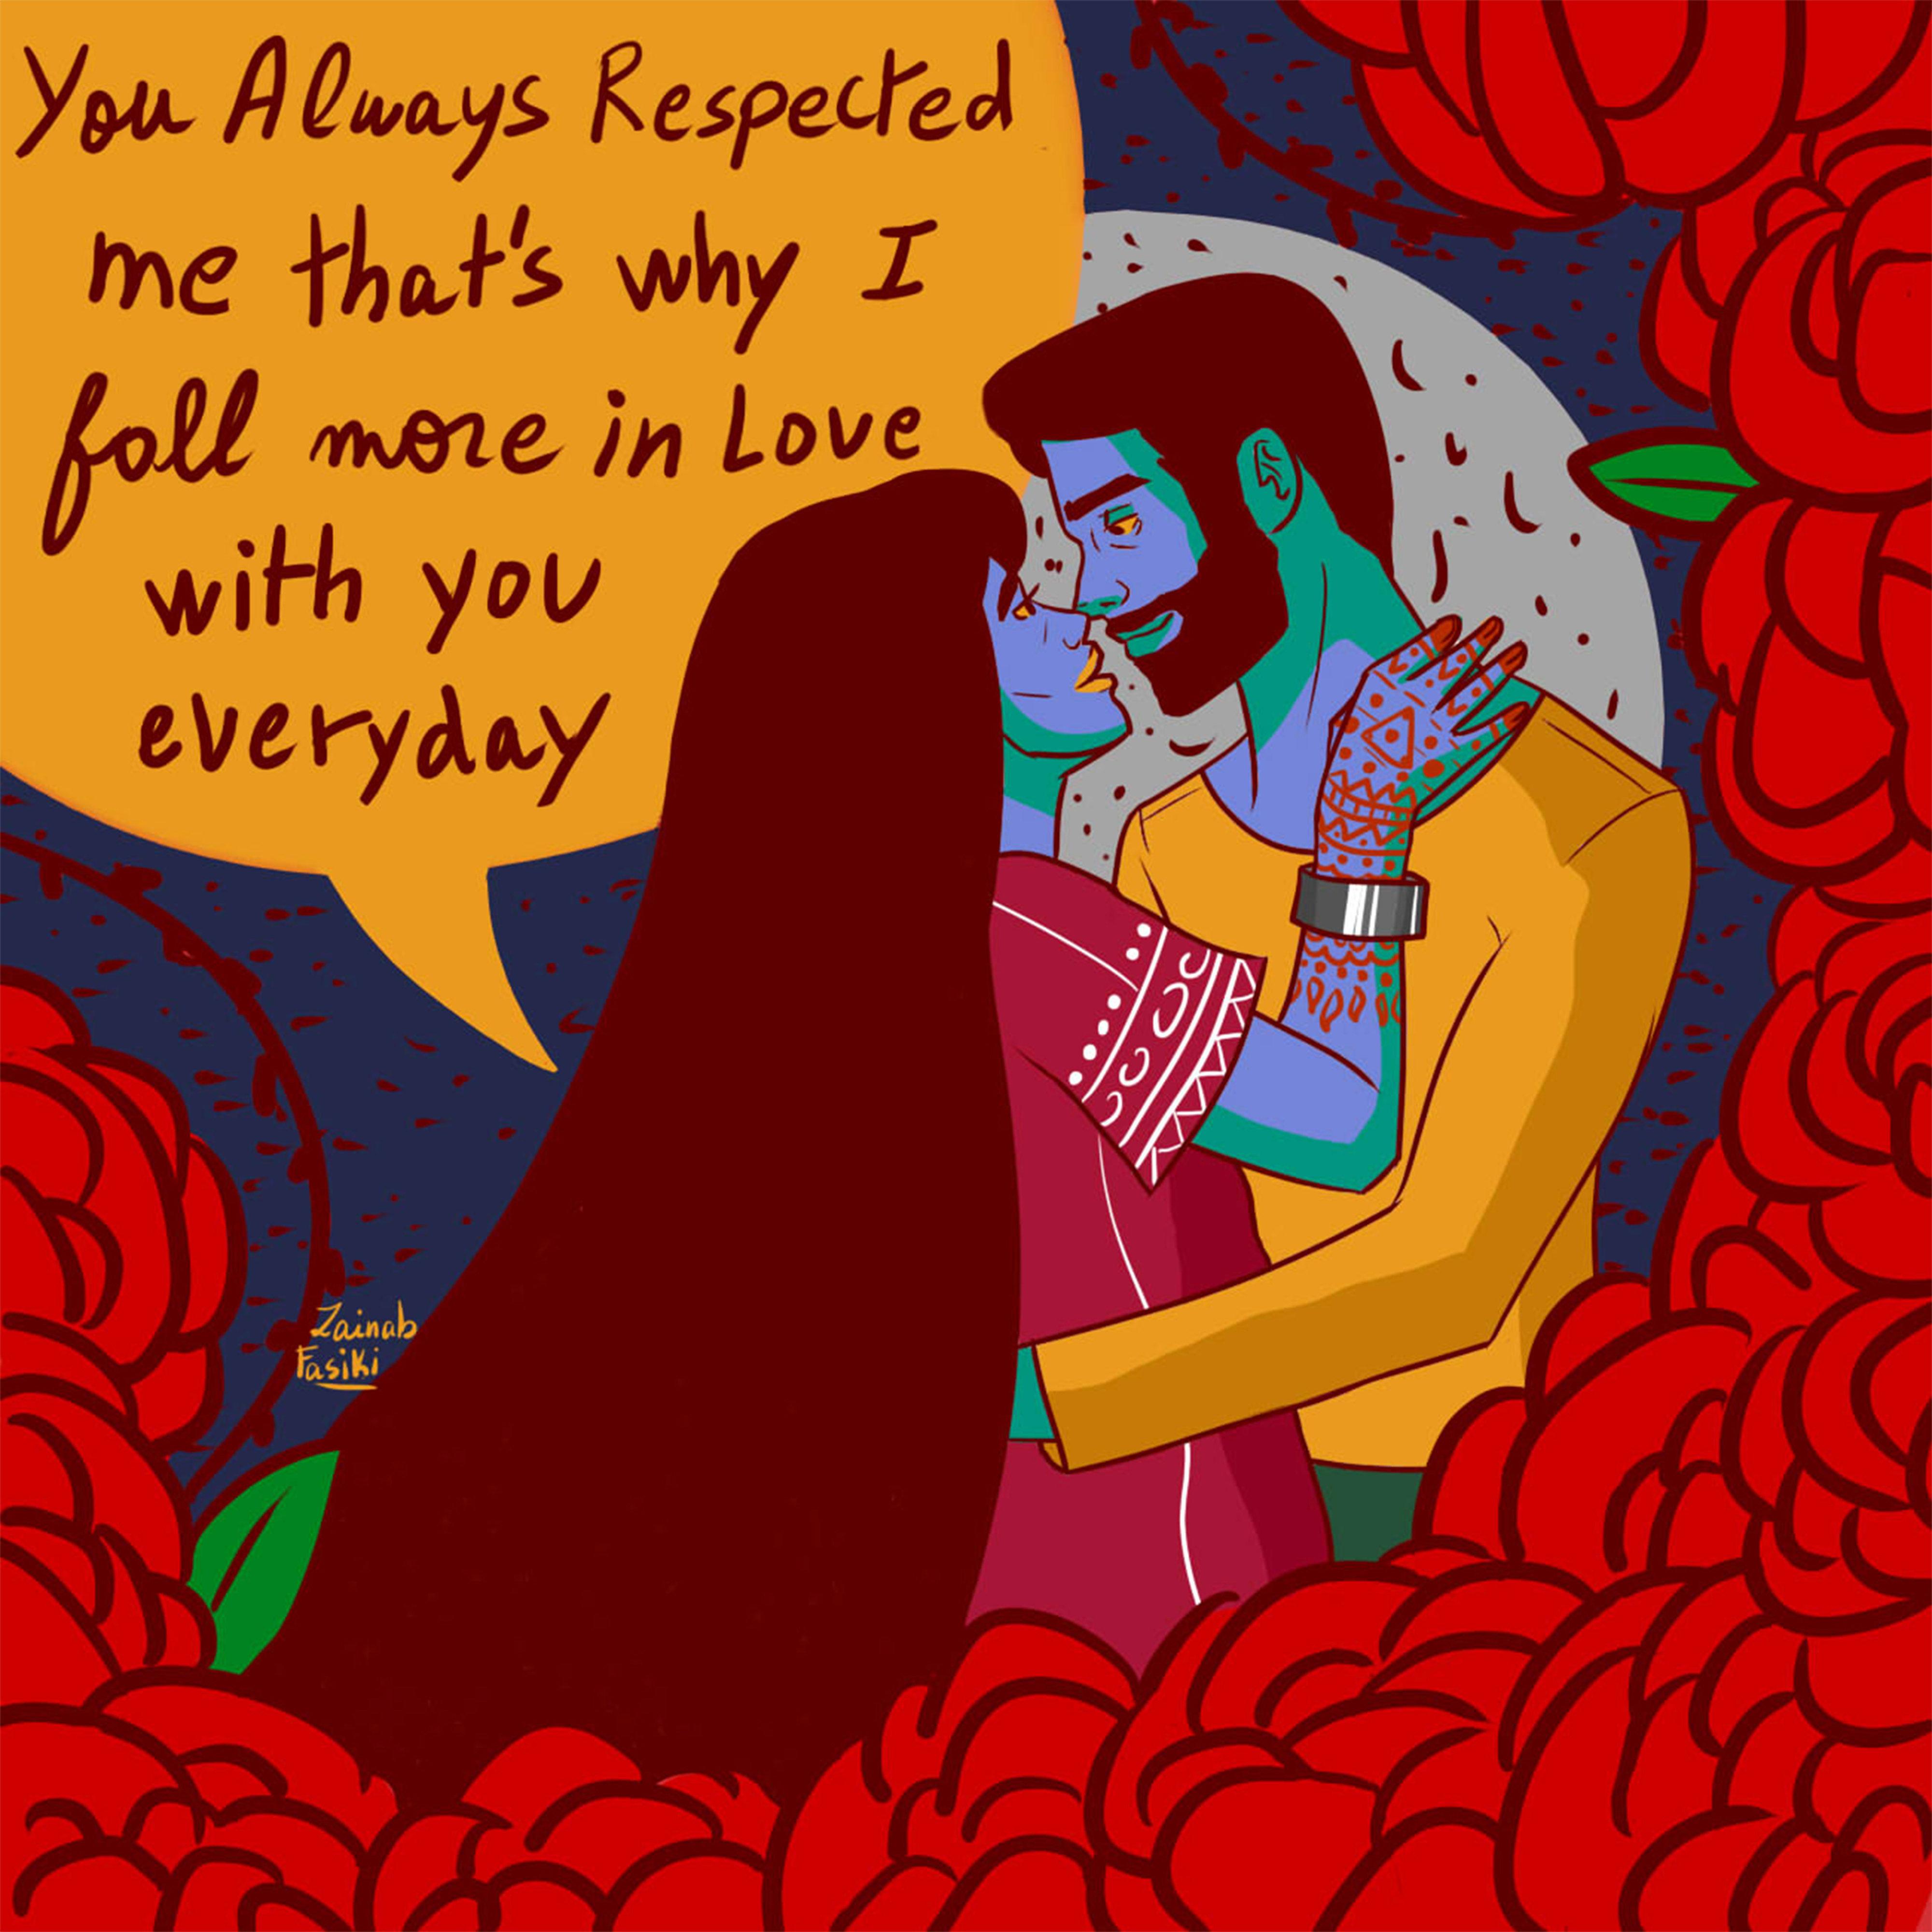 Pour l'ONG Oxfam, Zainab Fasiki crée une carte de Saint-Valentin prônant le respect dans les